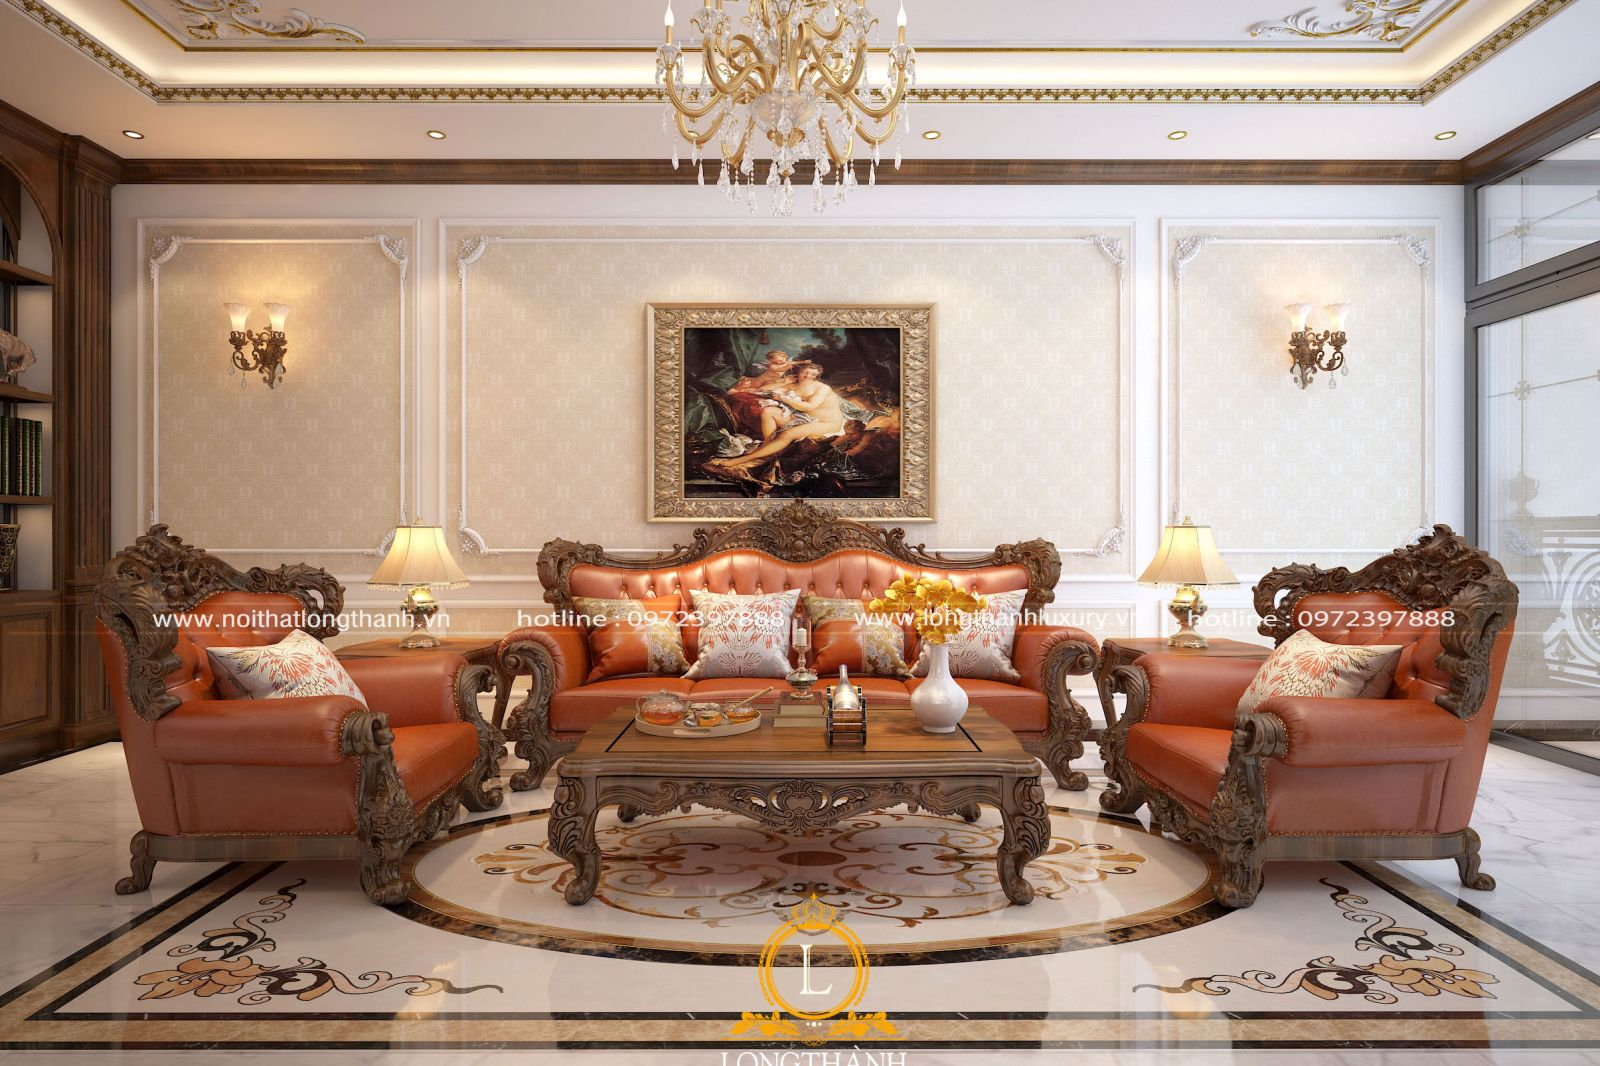 Với gam màu độc đáo giúp bộ sofa vô cùng nổi bật trong không gian phòng khách